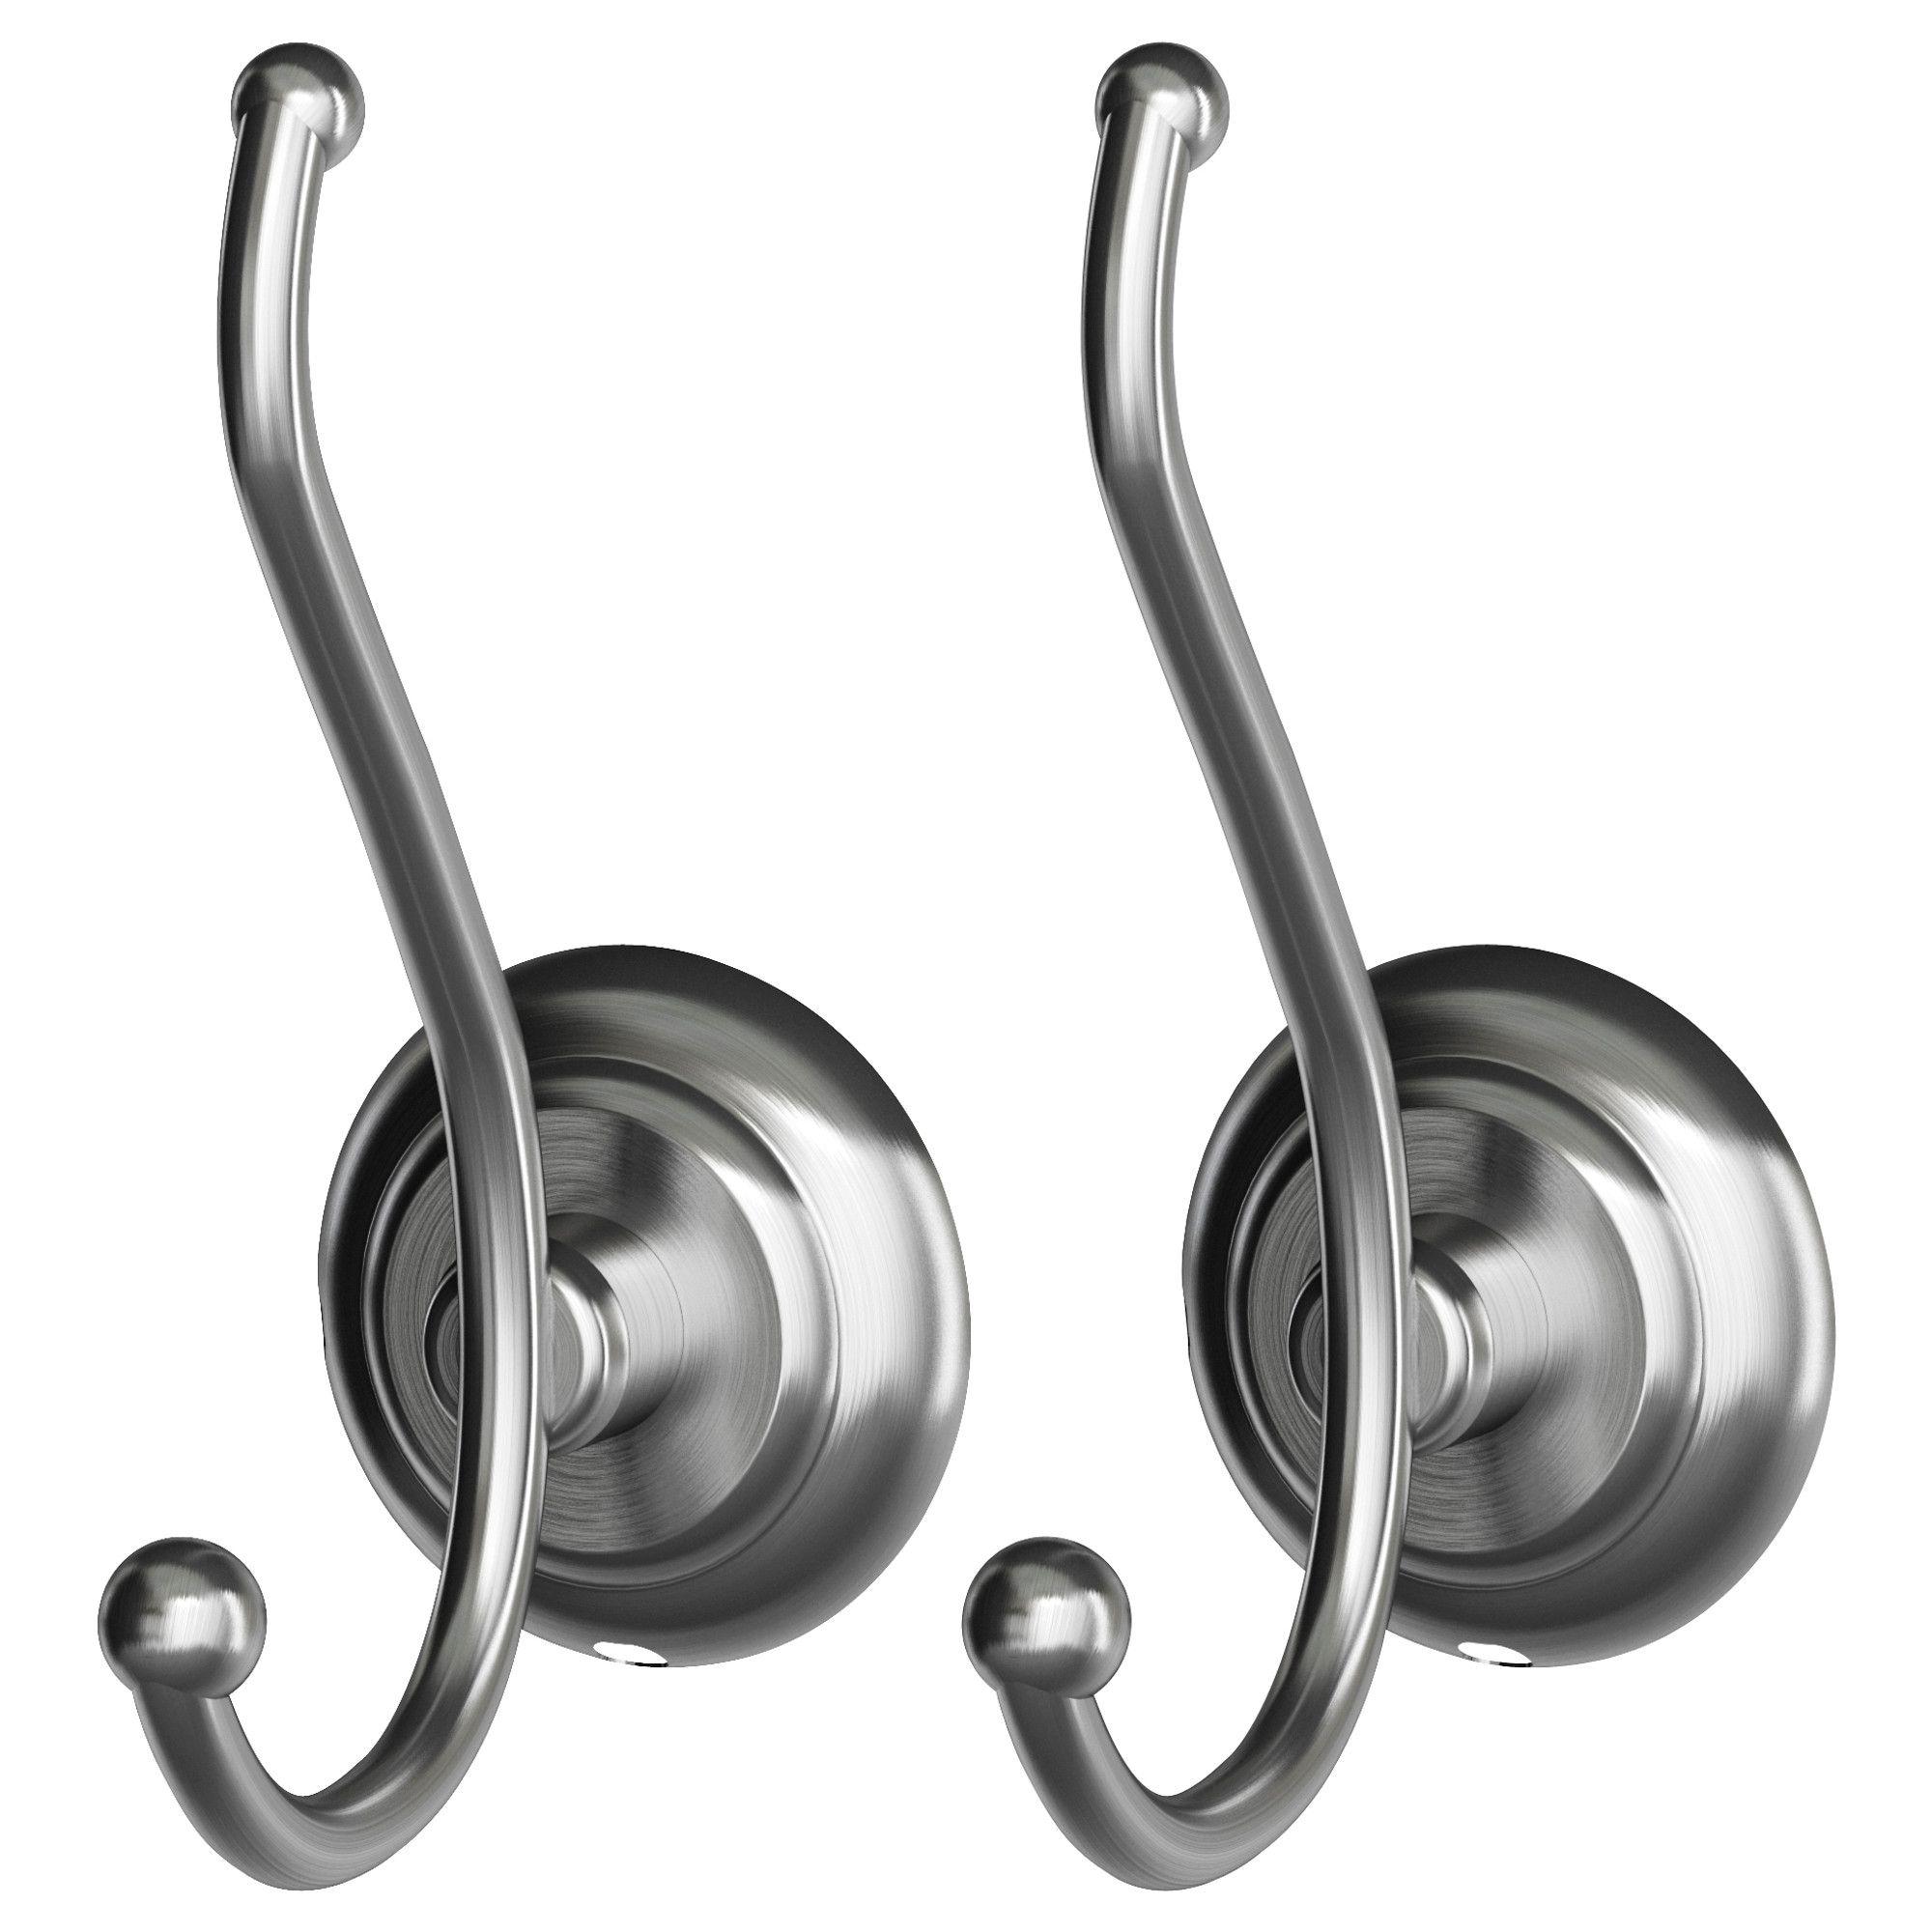 Ikea Hook $19.95 for two lillholmen hook - ikea | new house | pinterest